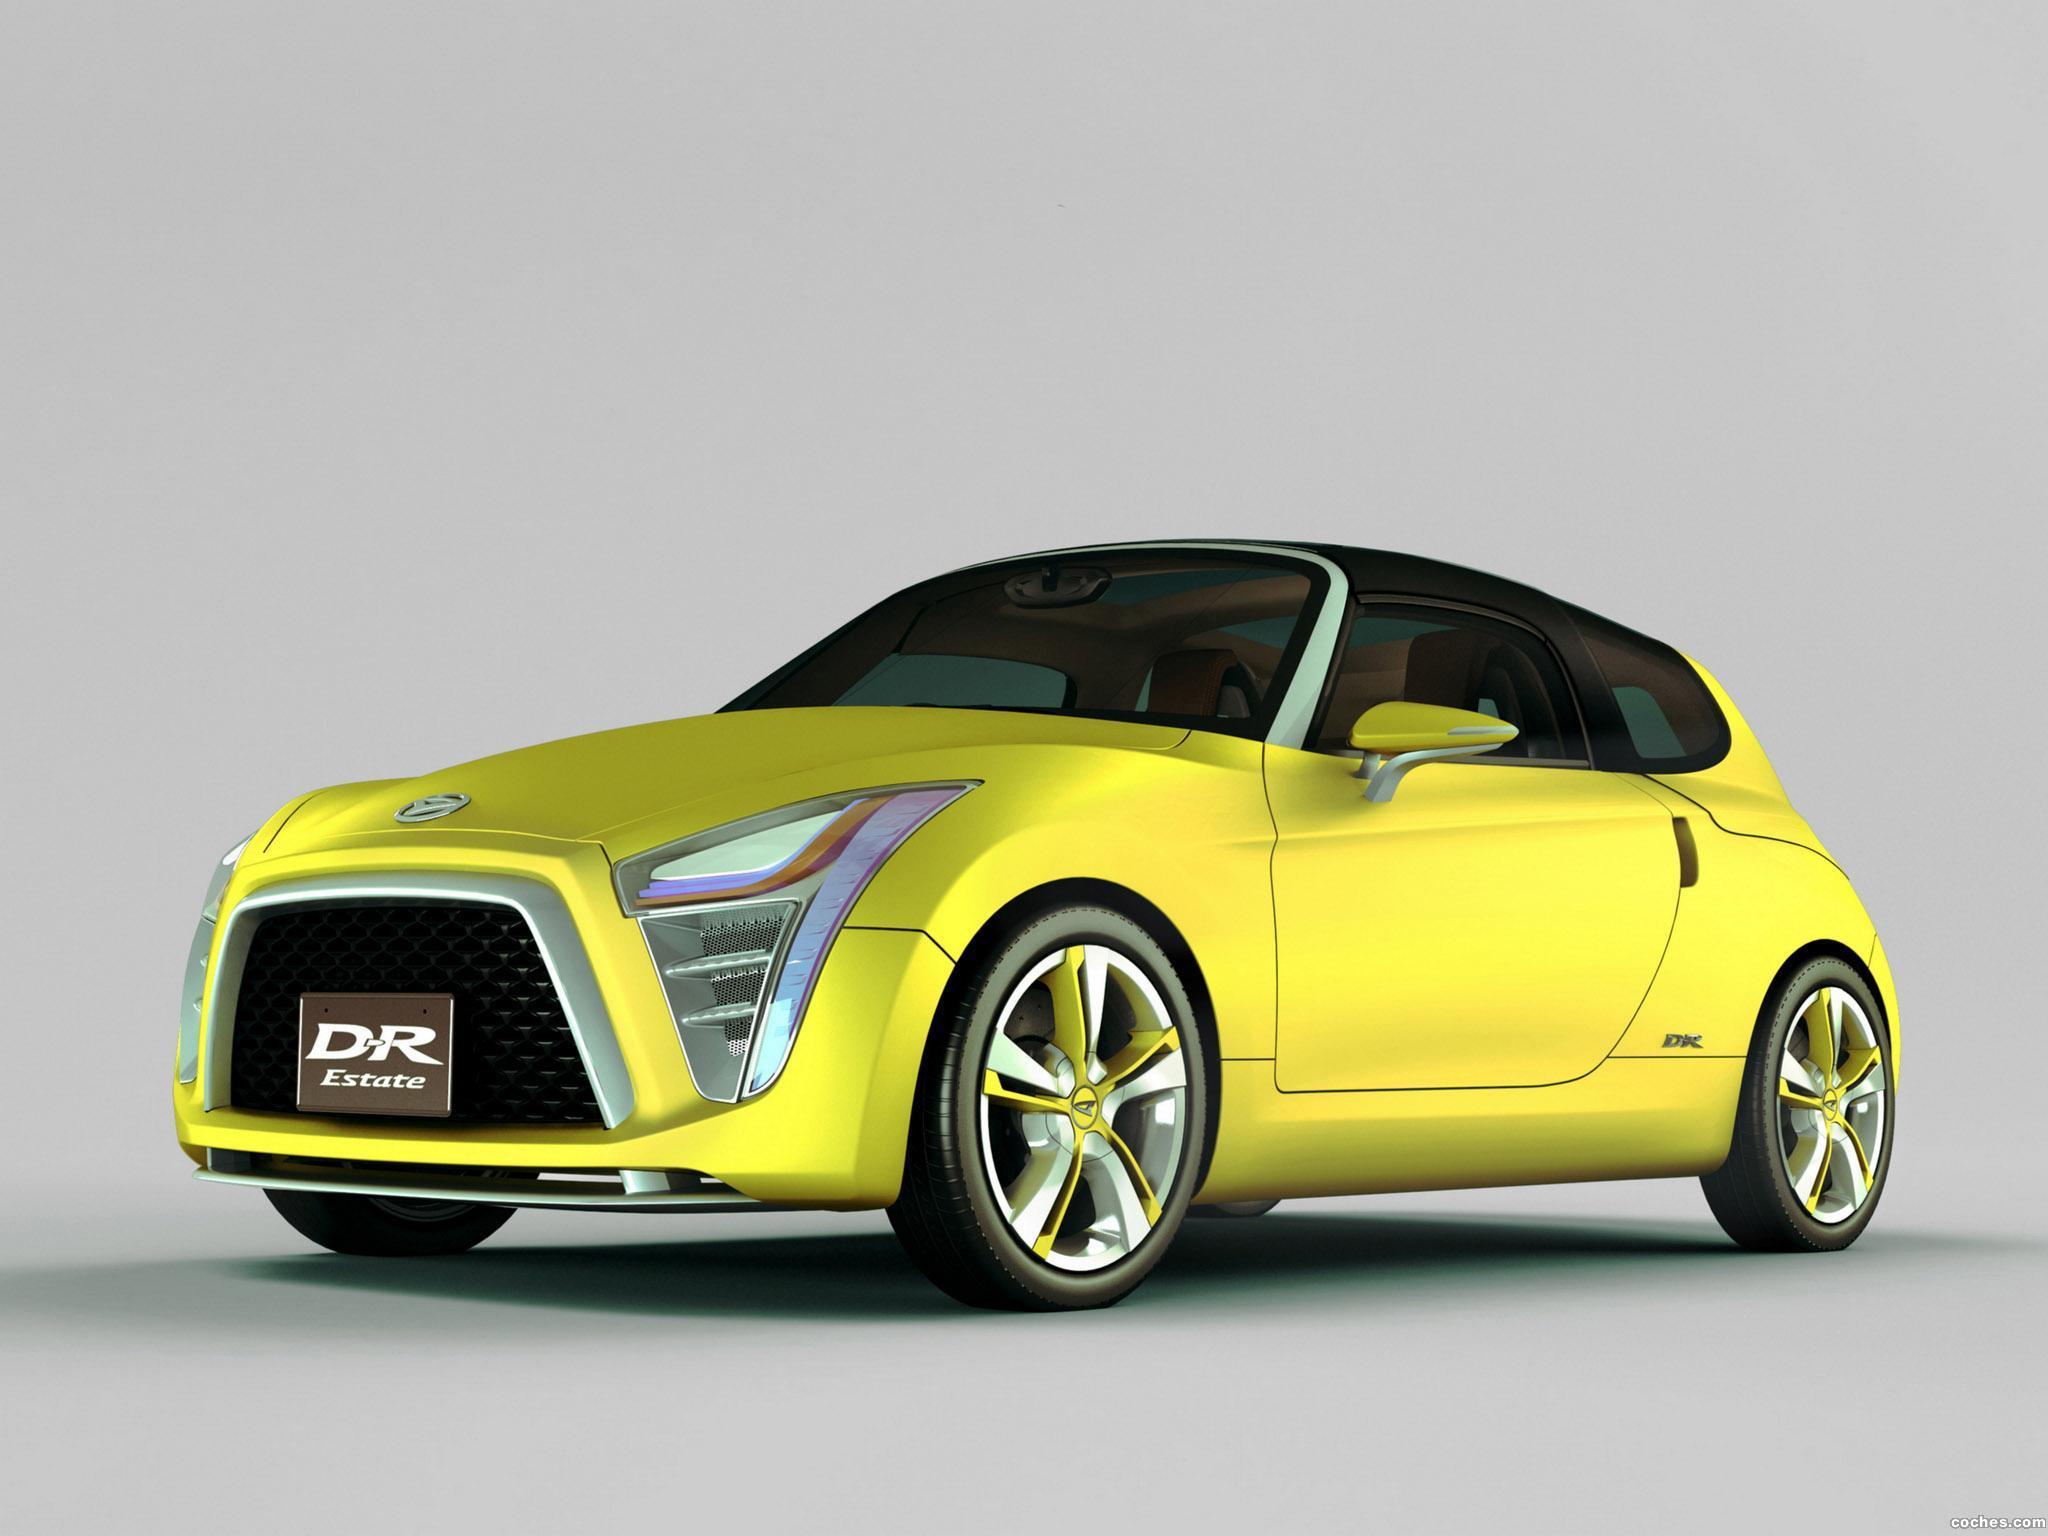 Foto 0 de Daihatsu D-R Estate Concept 2013